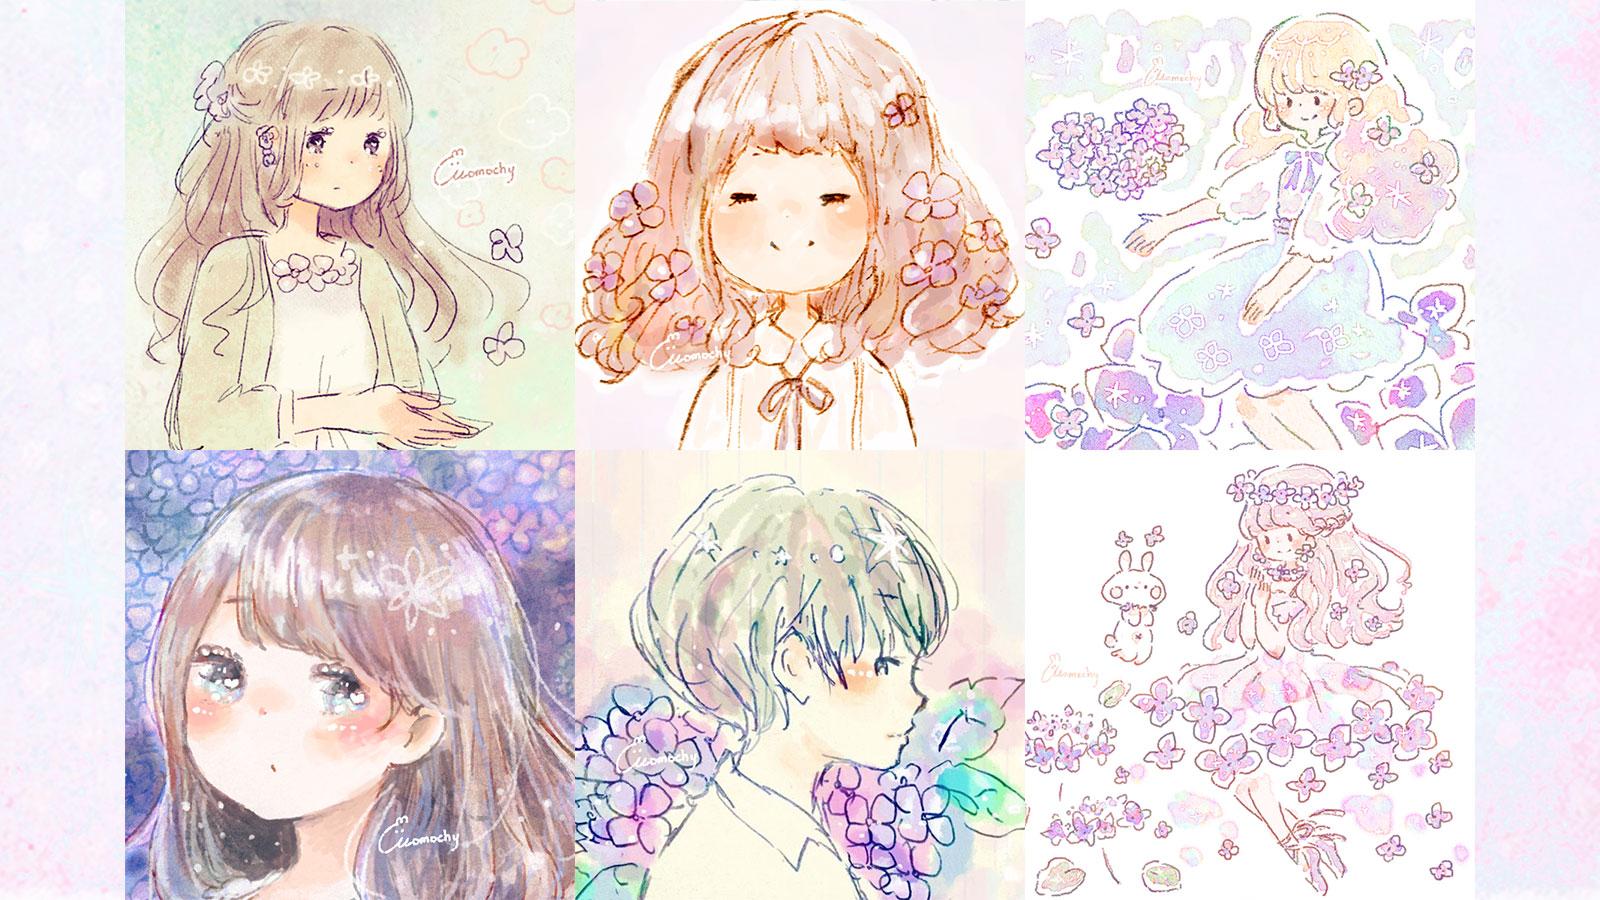 フリーアイコン*梅雨に使える紫陽花イラスト7枚まとめ